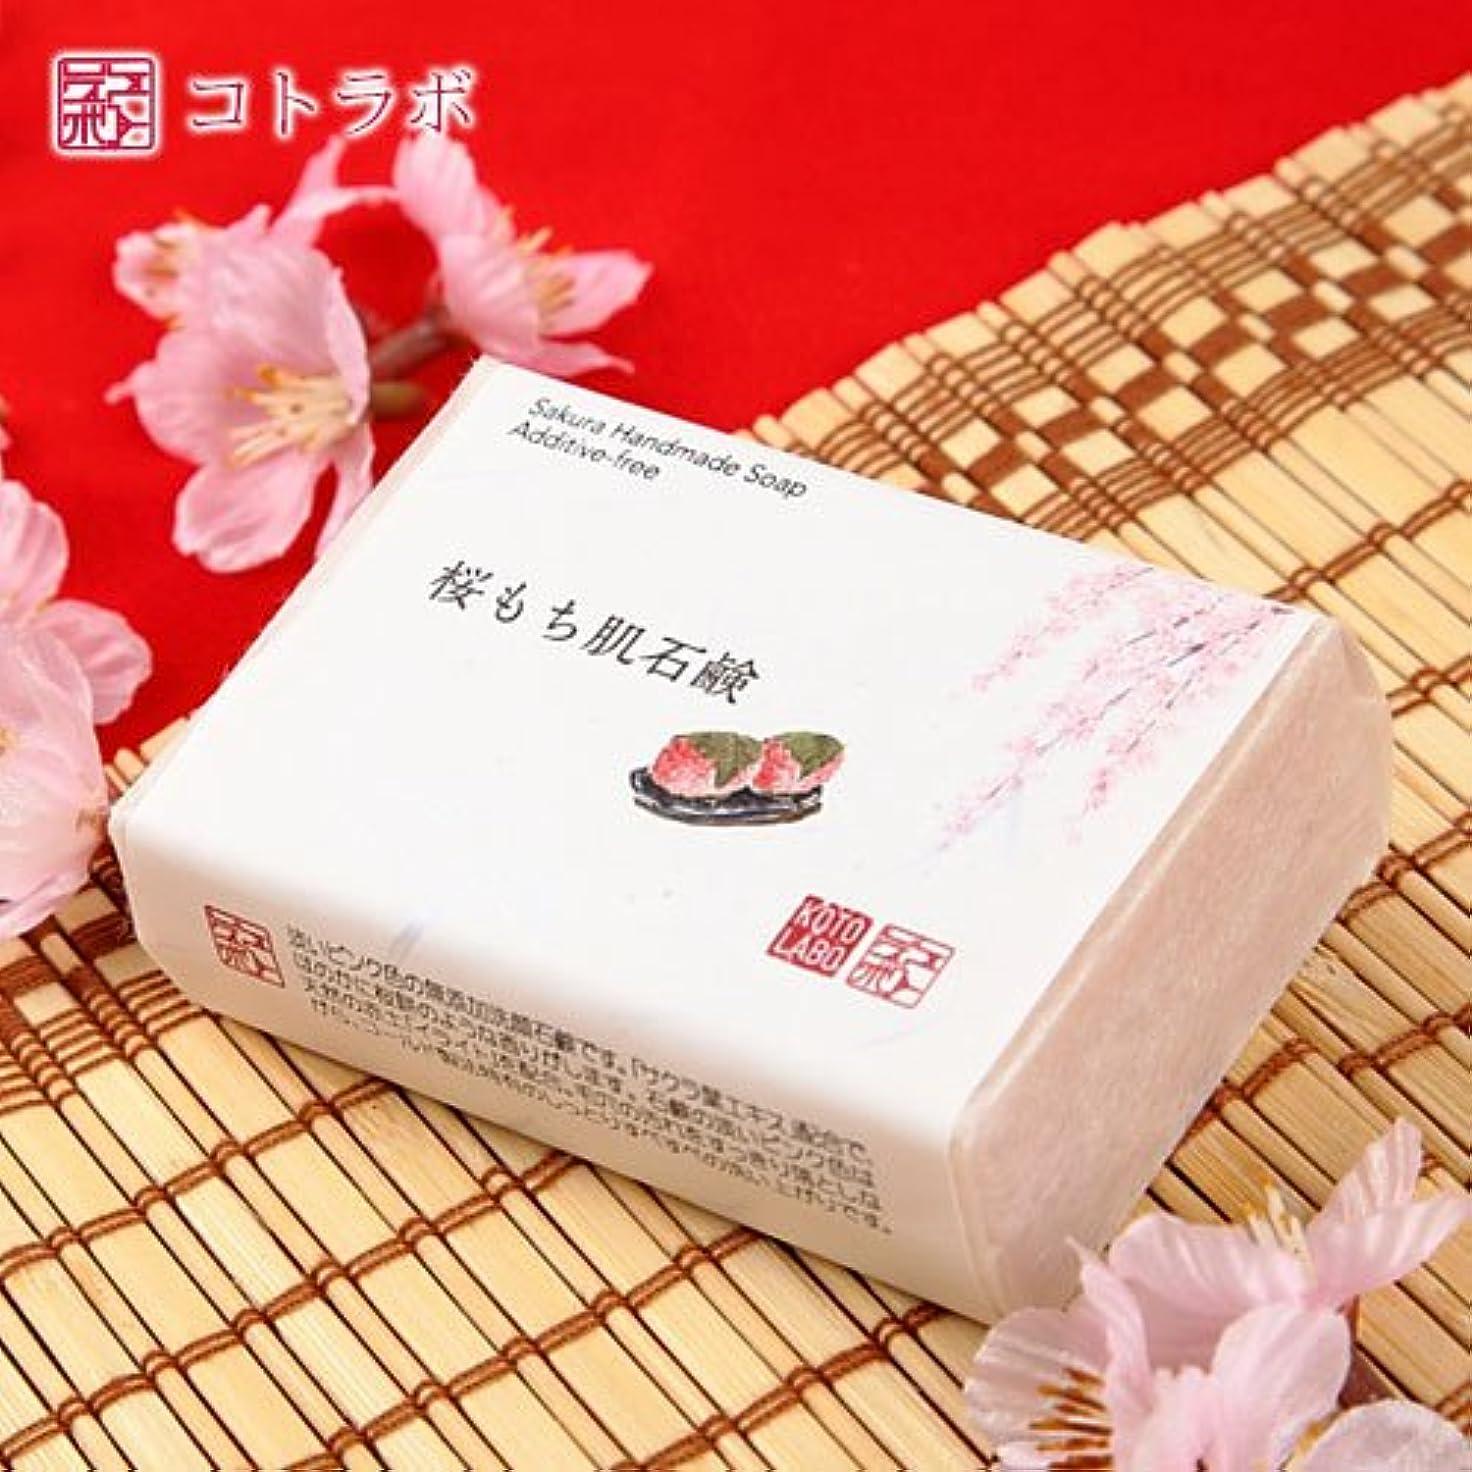 キロメートル扱うくるくるコトラボ洗顔石けん京都桜もち肌石鹸天然赤土配合で毛穴の汚れをすっきりJapanese sakura hamdmade soap